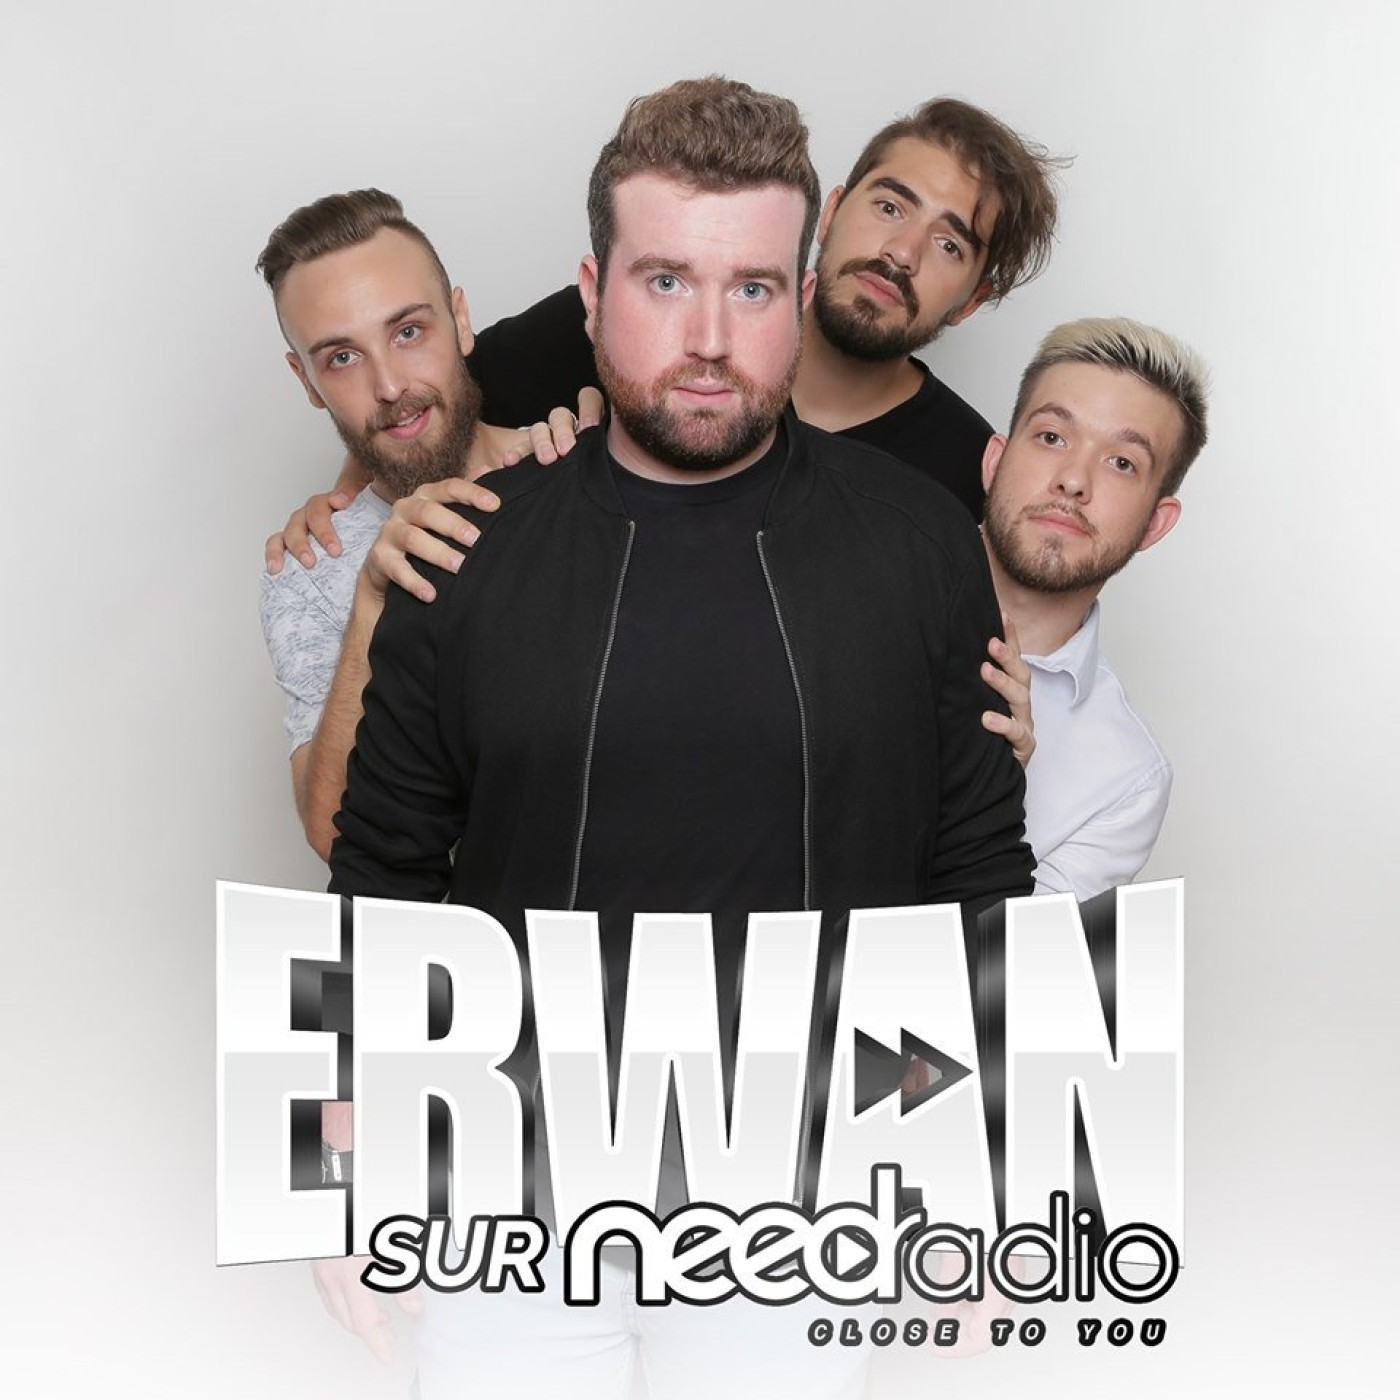 Erwan sur NEED Radio S2 #15 (26/01/20)